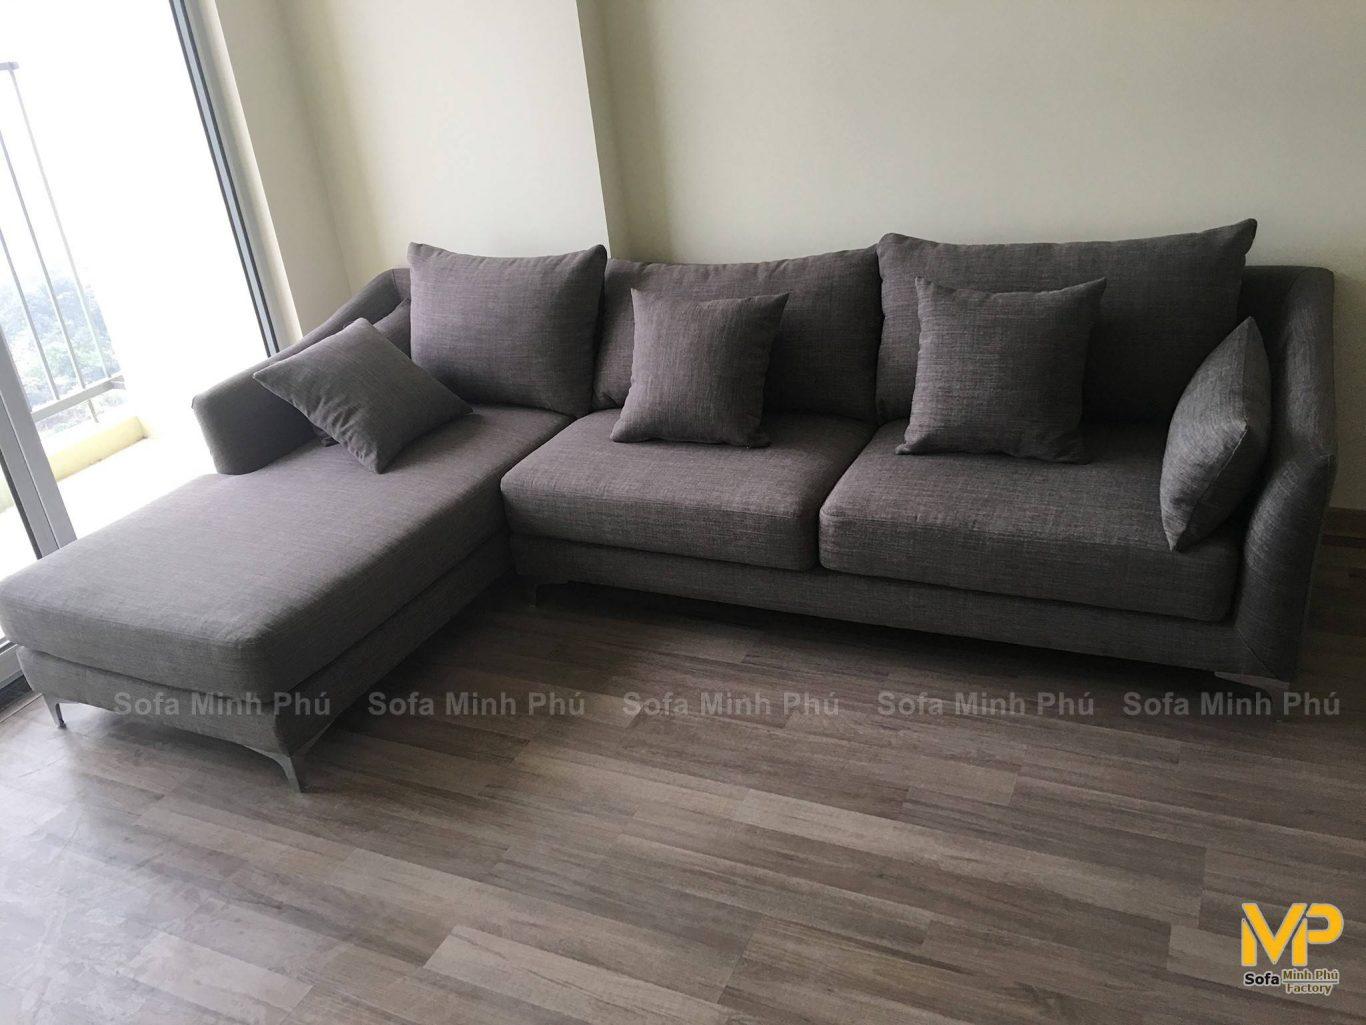 Bàn giao sofa anh Thuấn –  Chung cư Golden An Khánh